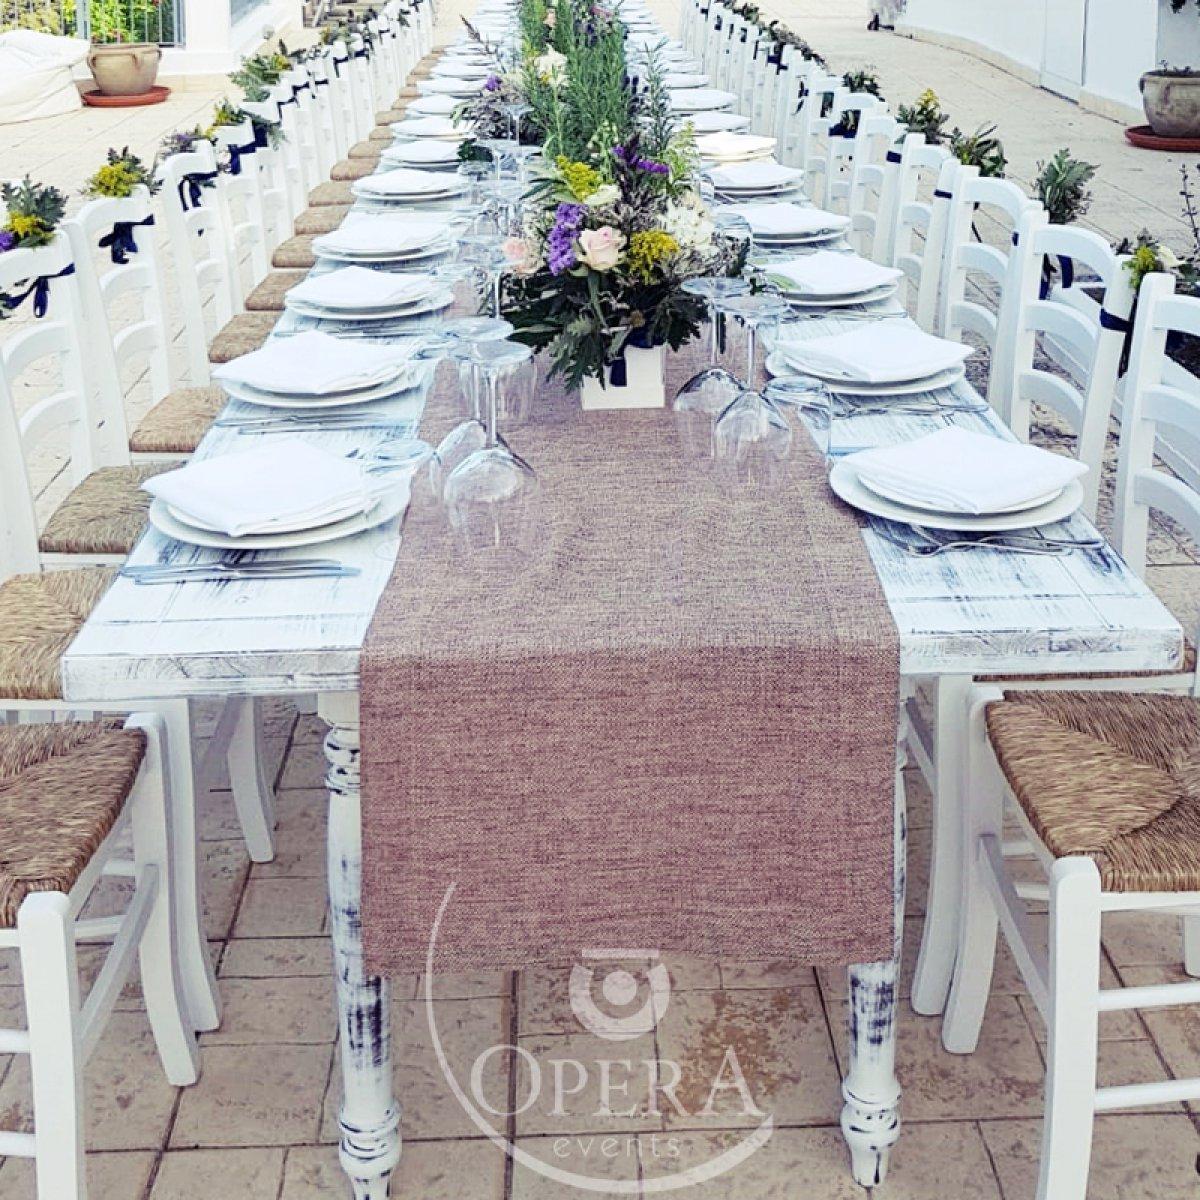 Tavolo Legno Bianco Decapato.Noleggio Di Tavolo In Legno Decapato Stile Shabby Opera Events